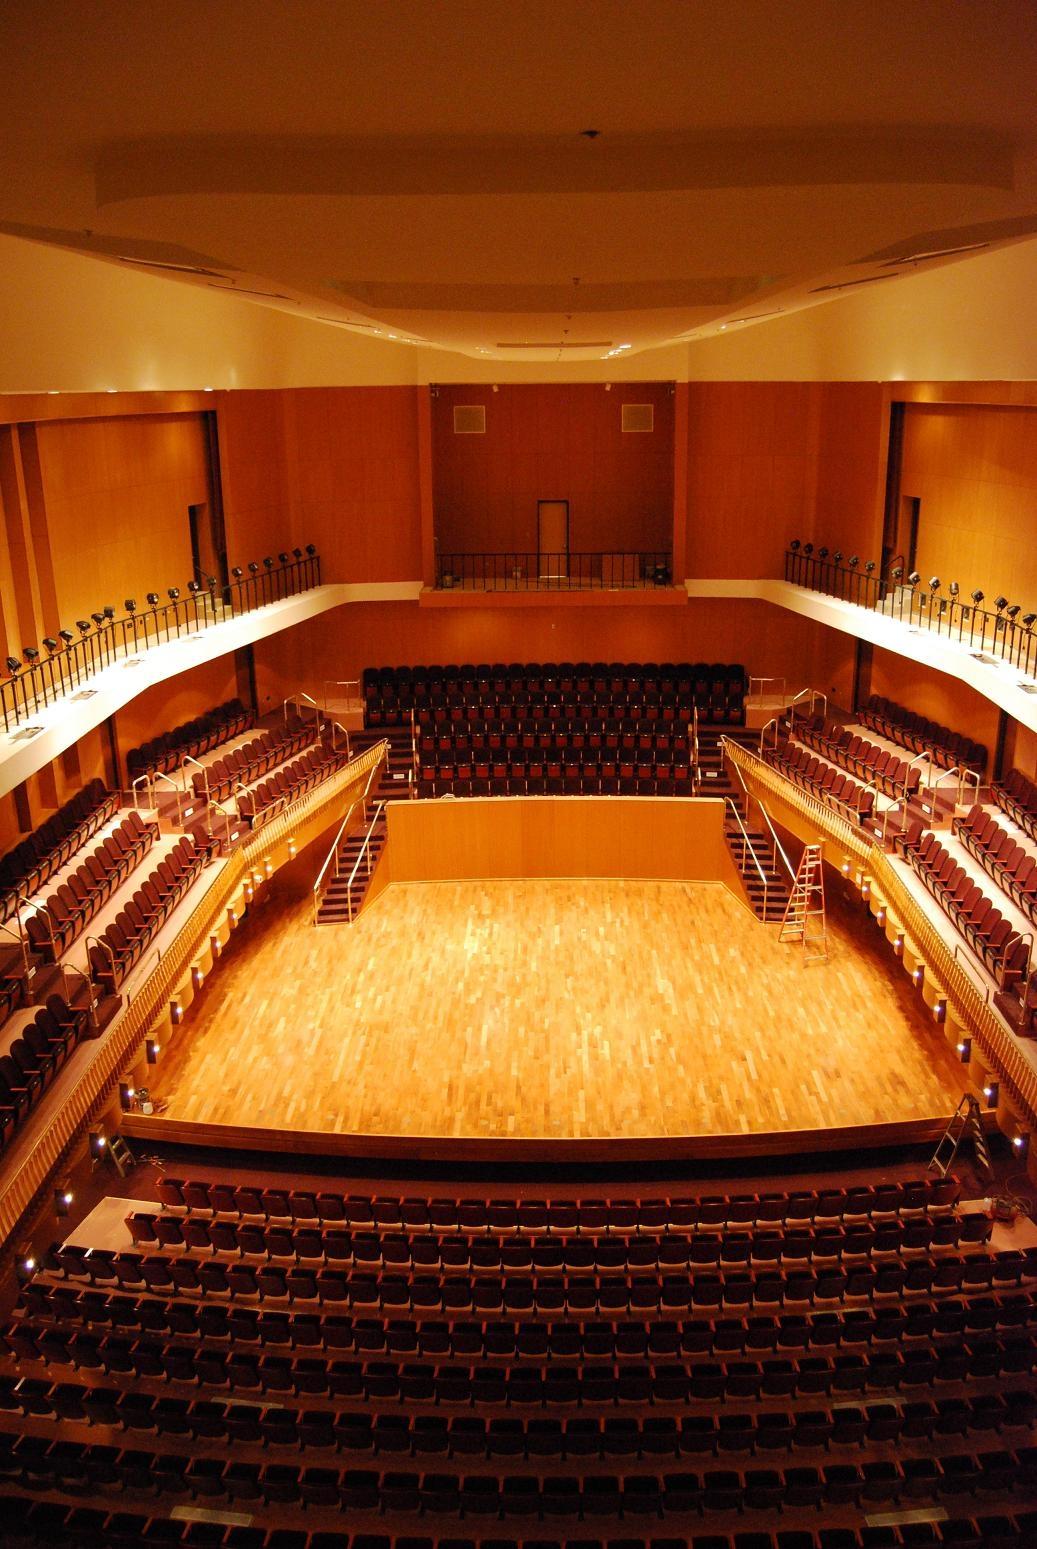 Acentechs Studio A Unveils Acoustics for Puerto Ricos BrandNew Sala Sinfonica Pablo Casals